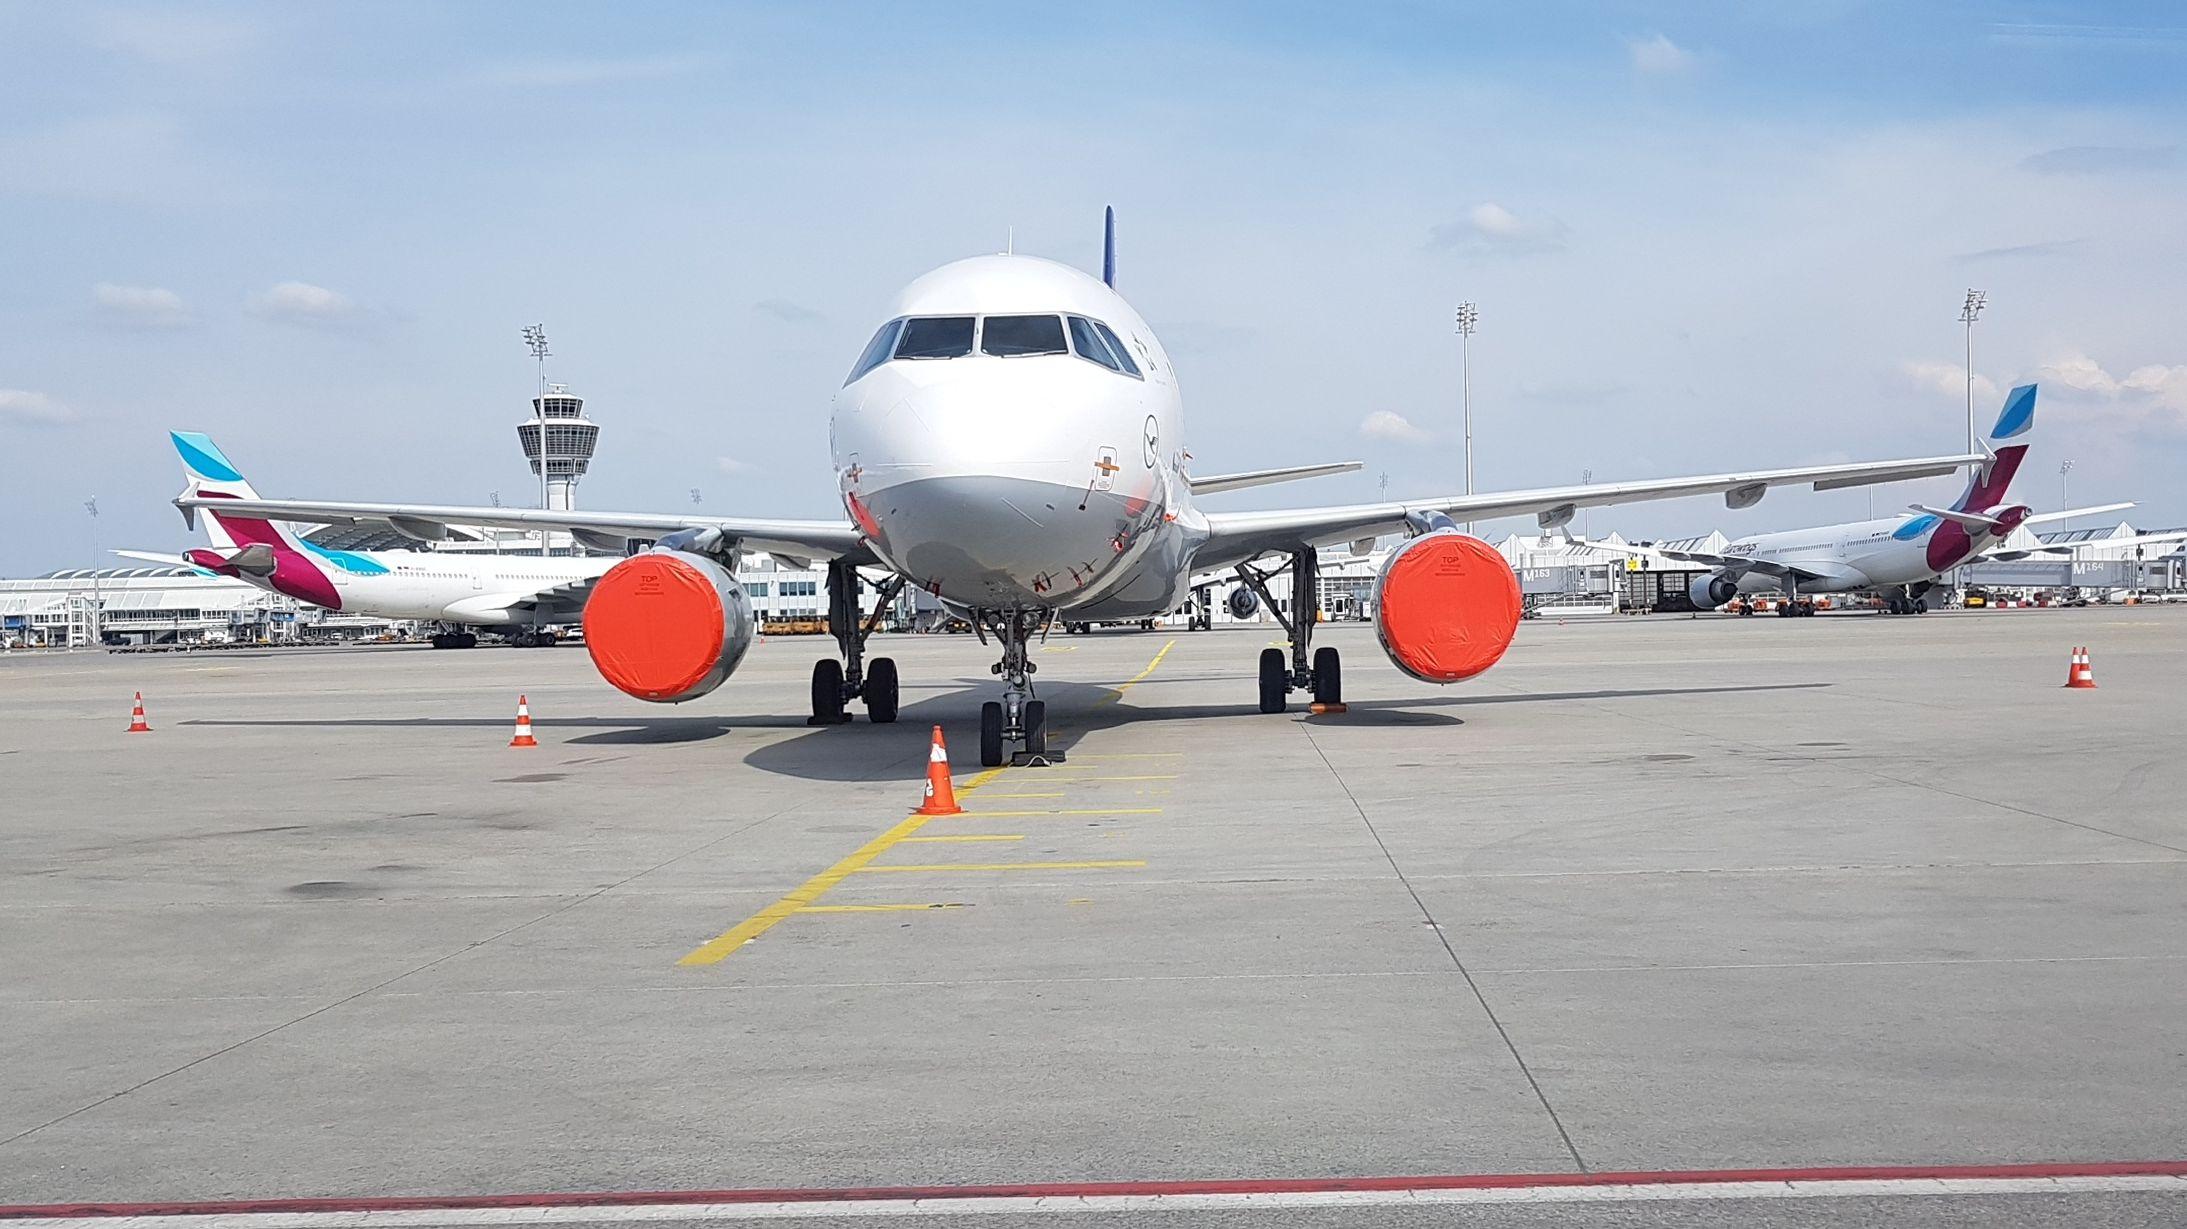 Geparktes Flugzeug am Flughafen mit roter Abdeckplane